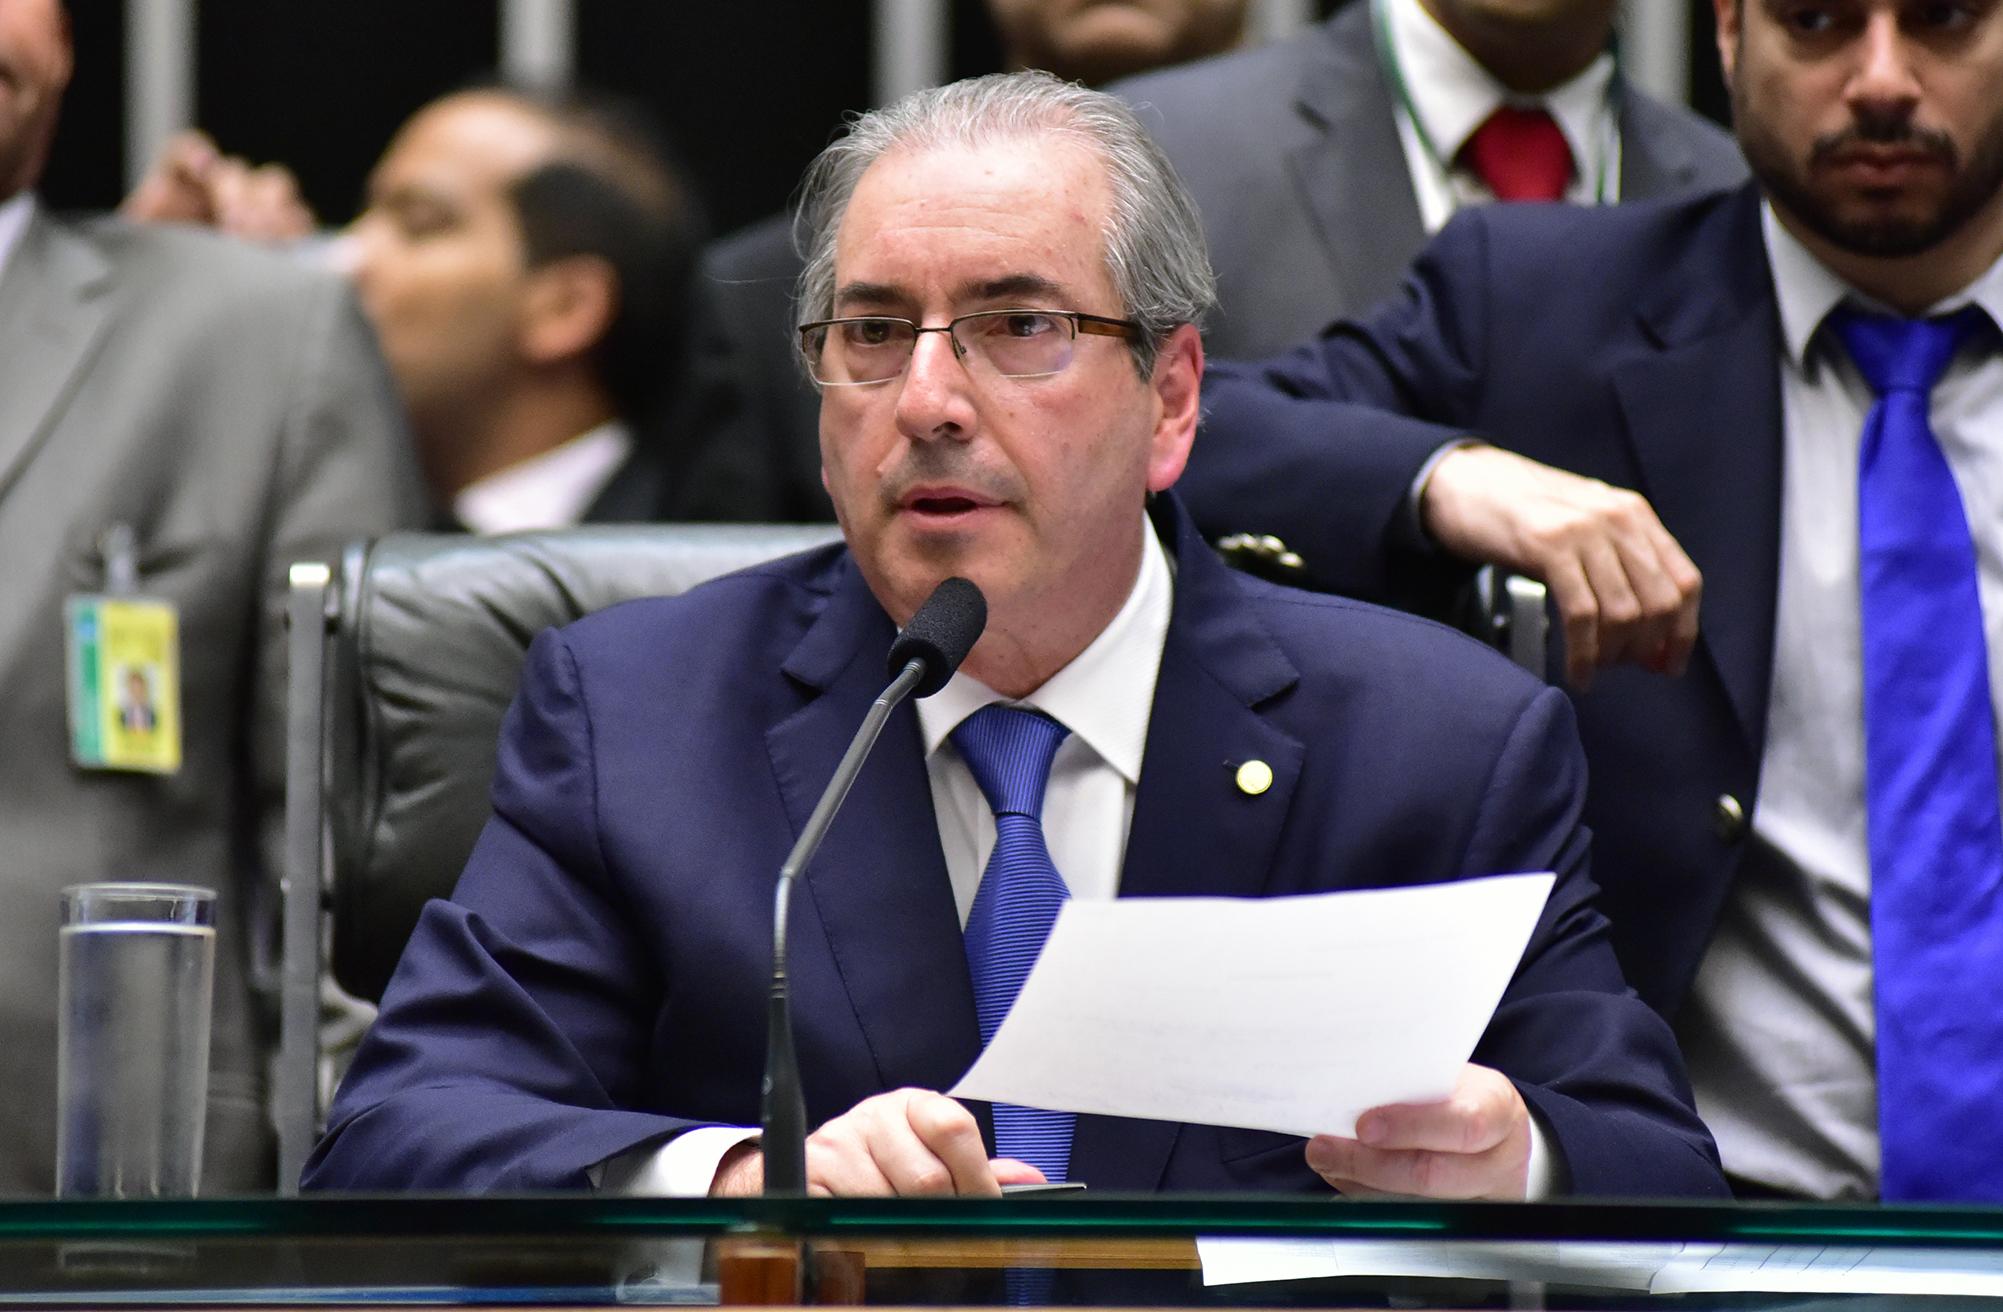 Ordem do dia destinada a analisar medidas provisórias que trancam os trabalhos da Casa. Presidente da Câmara, dep. Eduardo Cunha (PMDB-RJ)